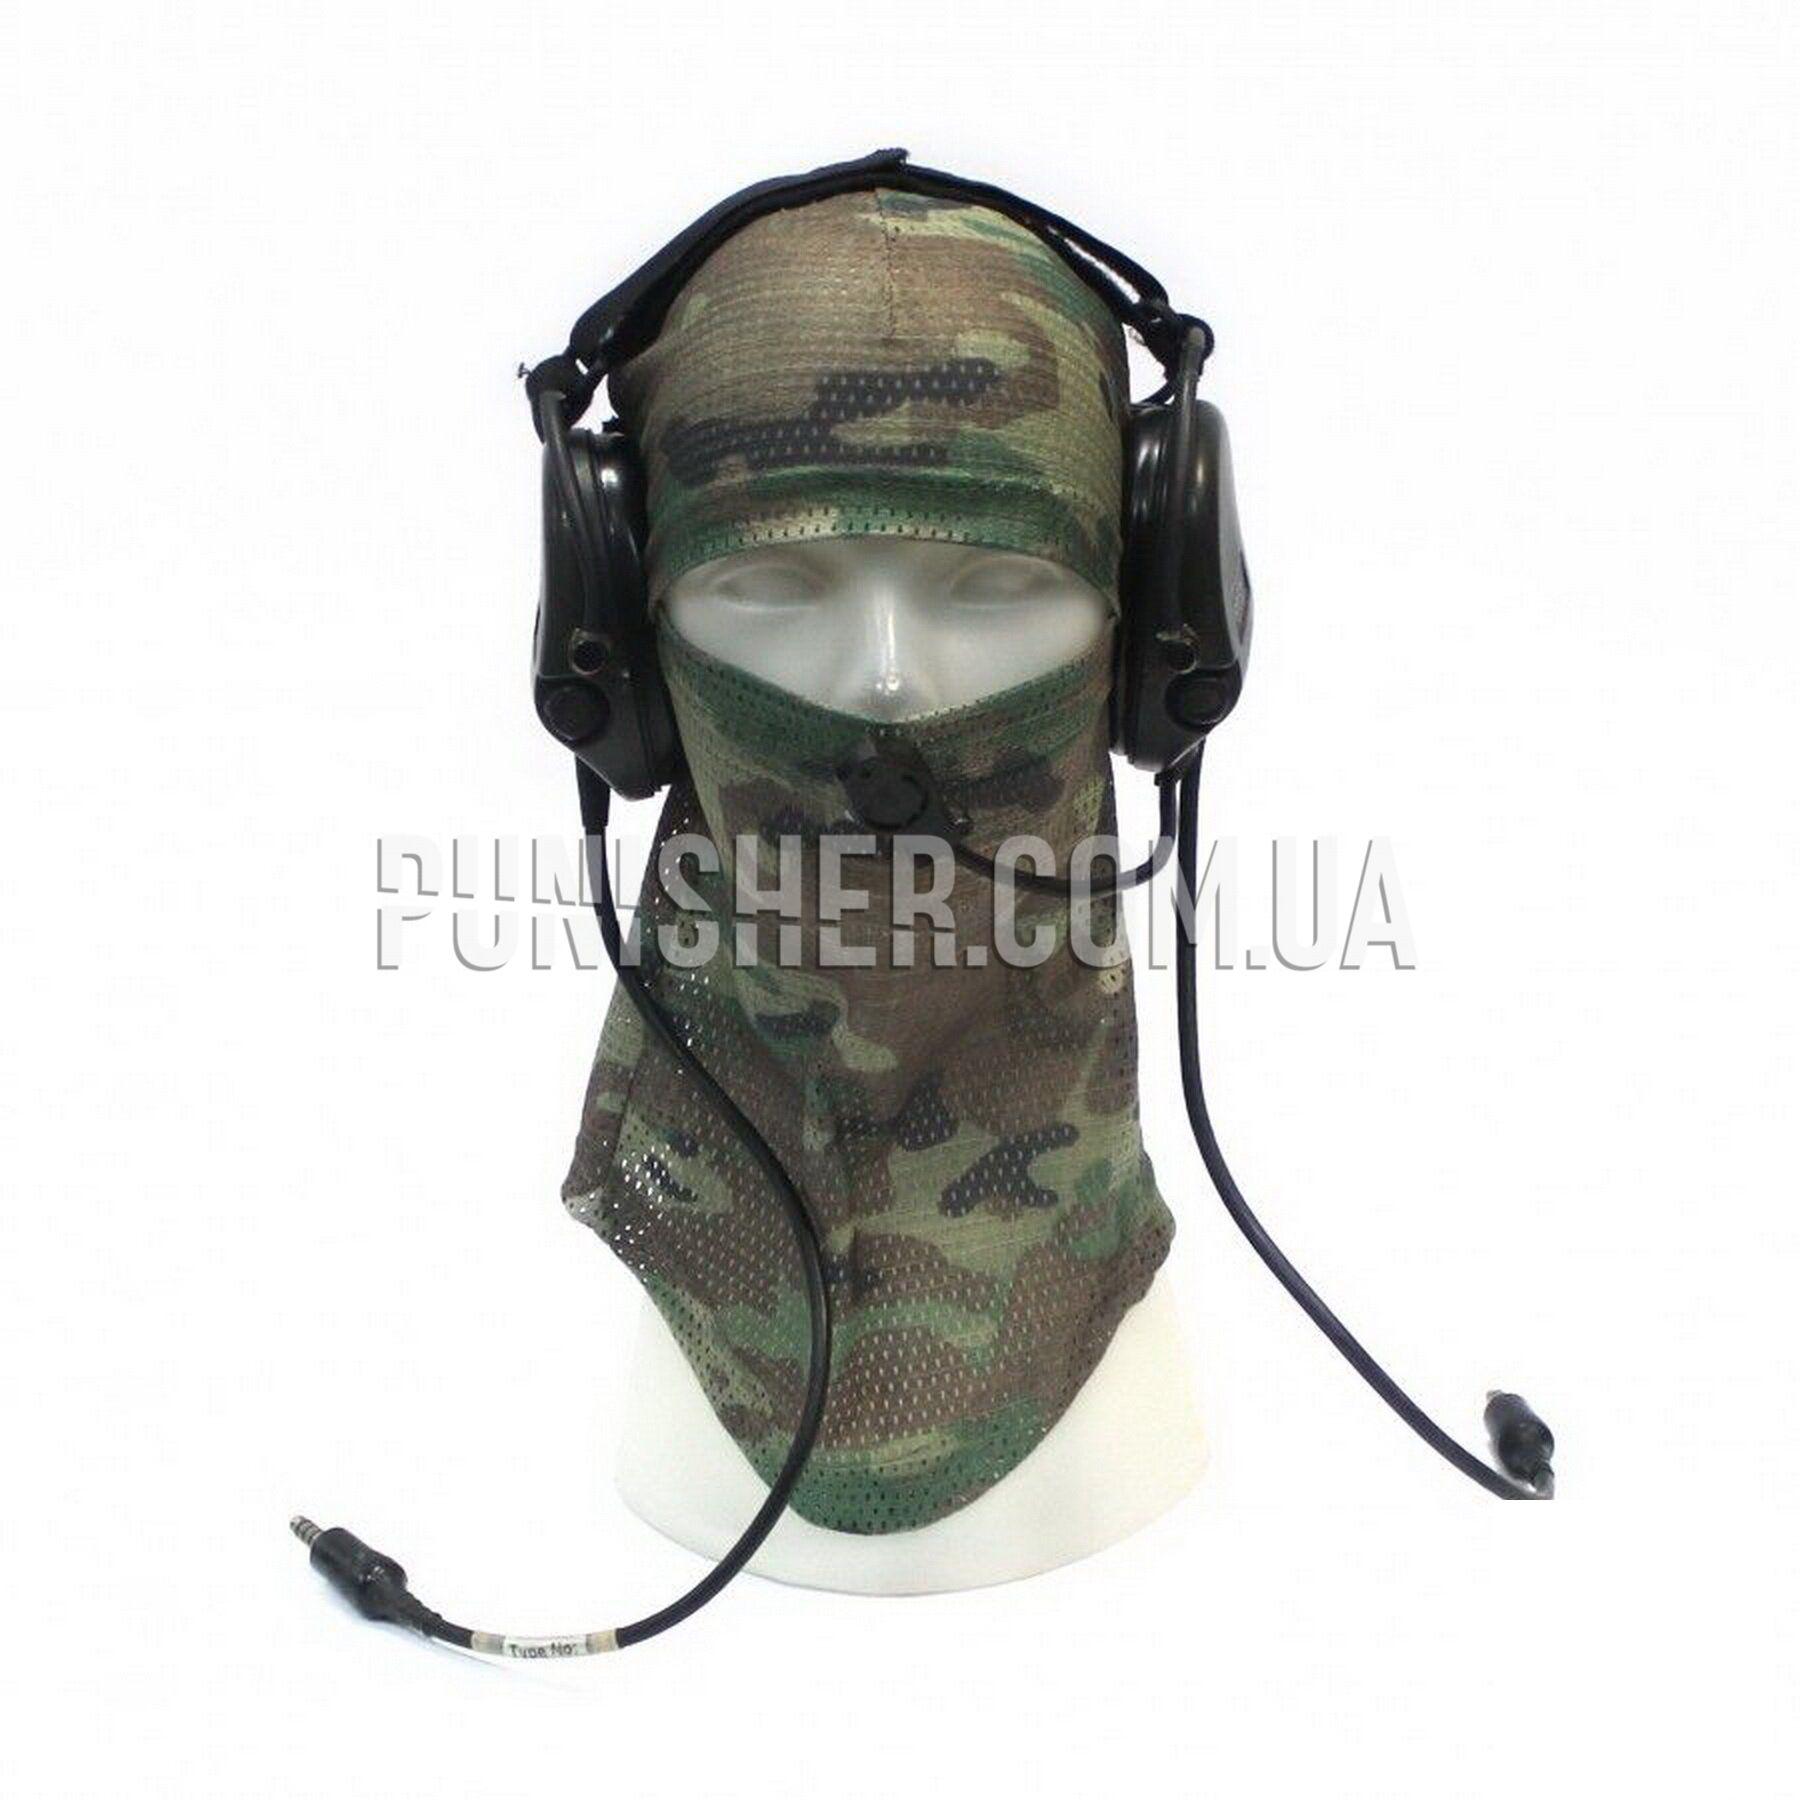 TCI Liberator II DUAL headset